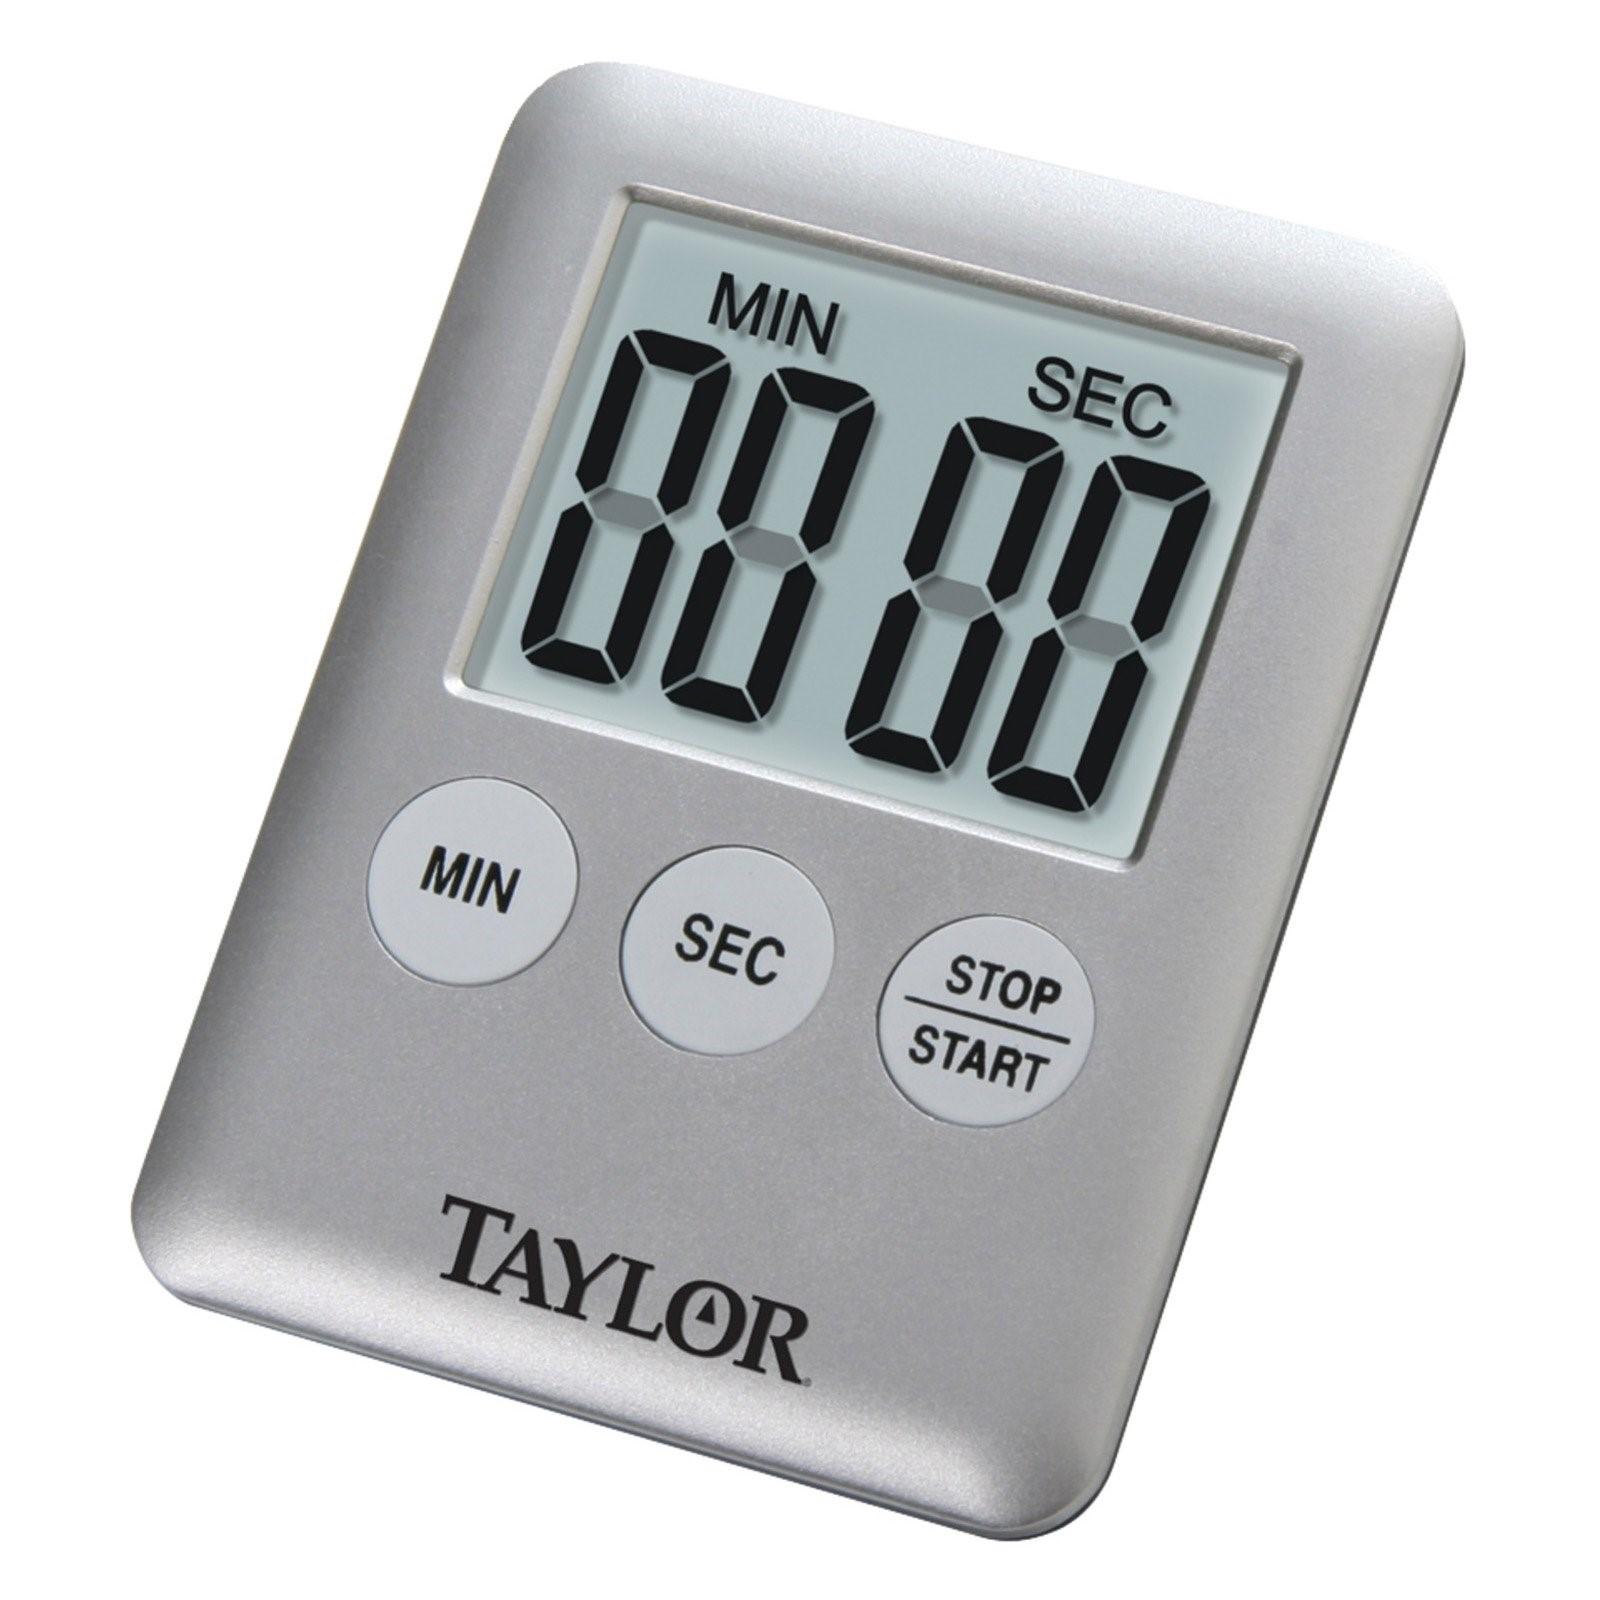 Taylor 5842-9 Mini Digital Kitchen Timer